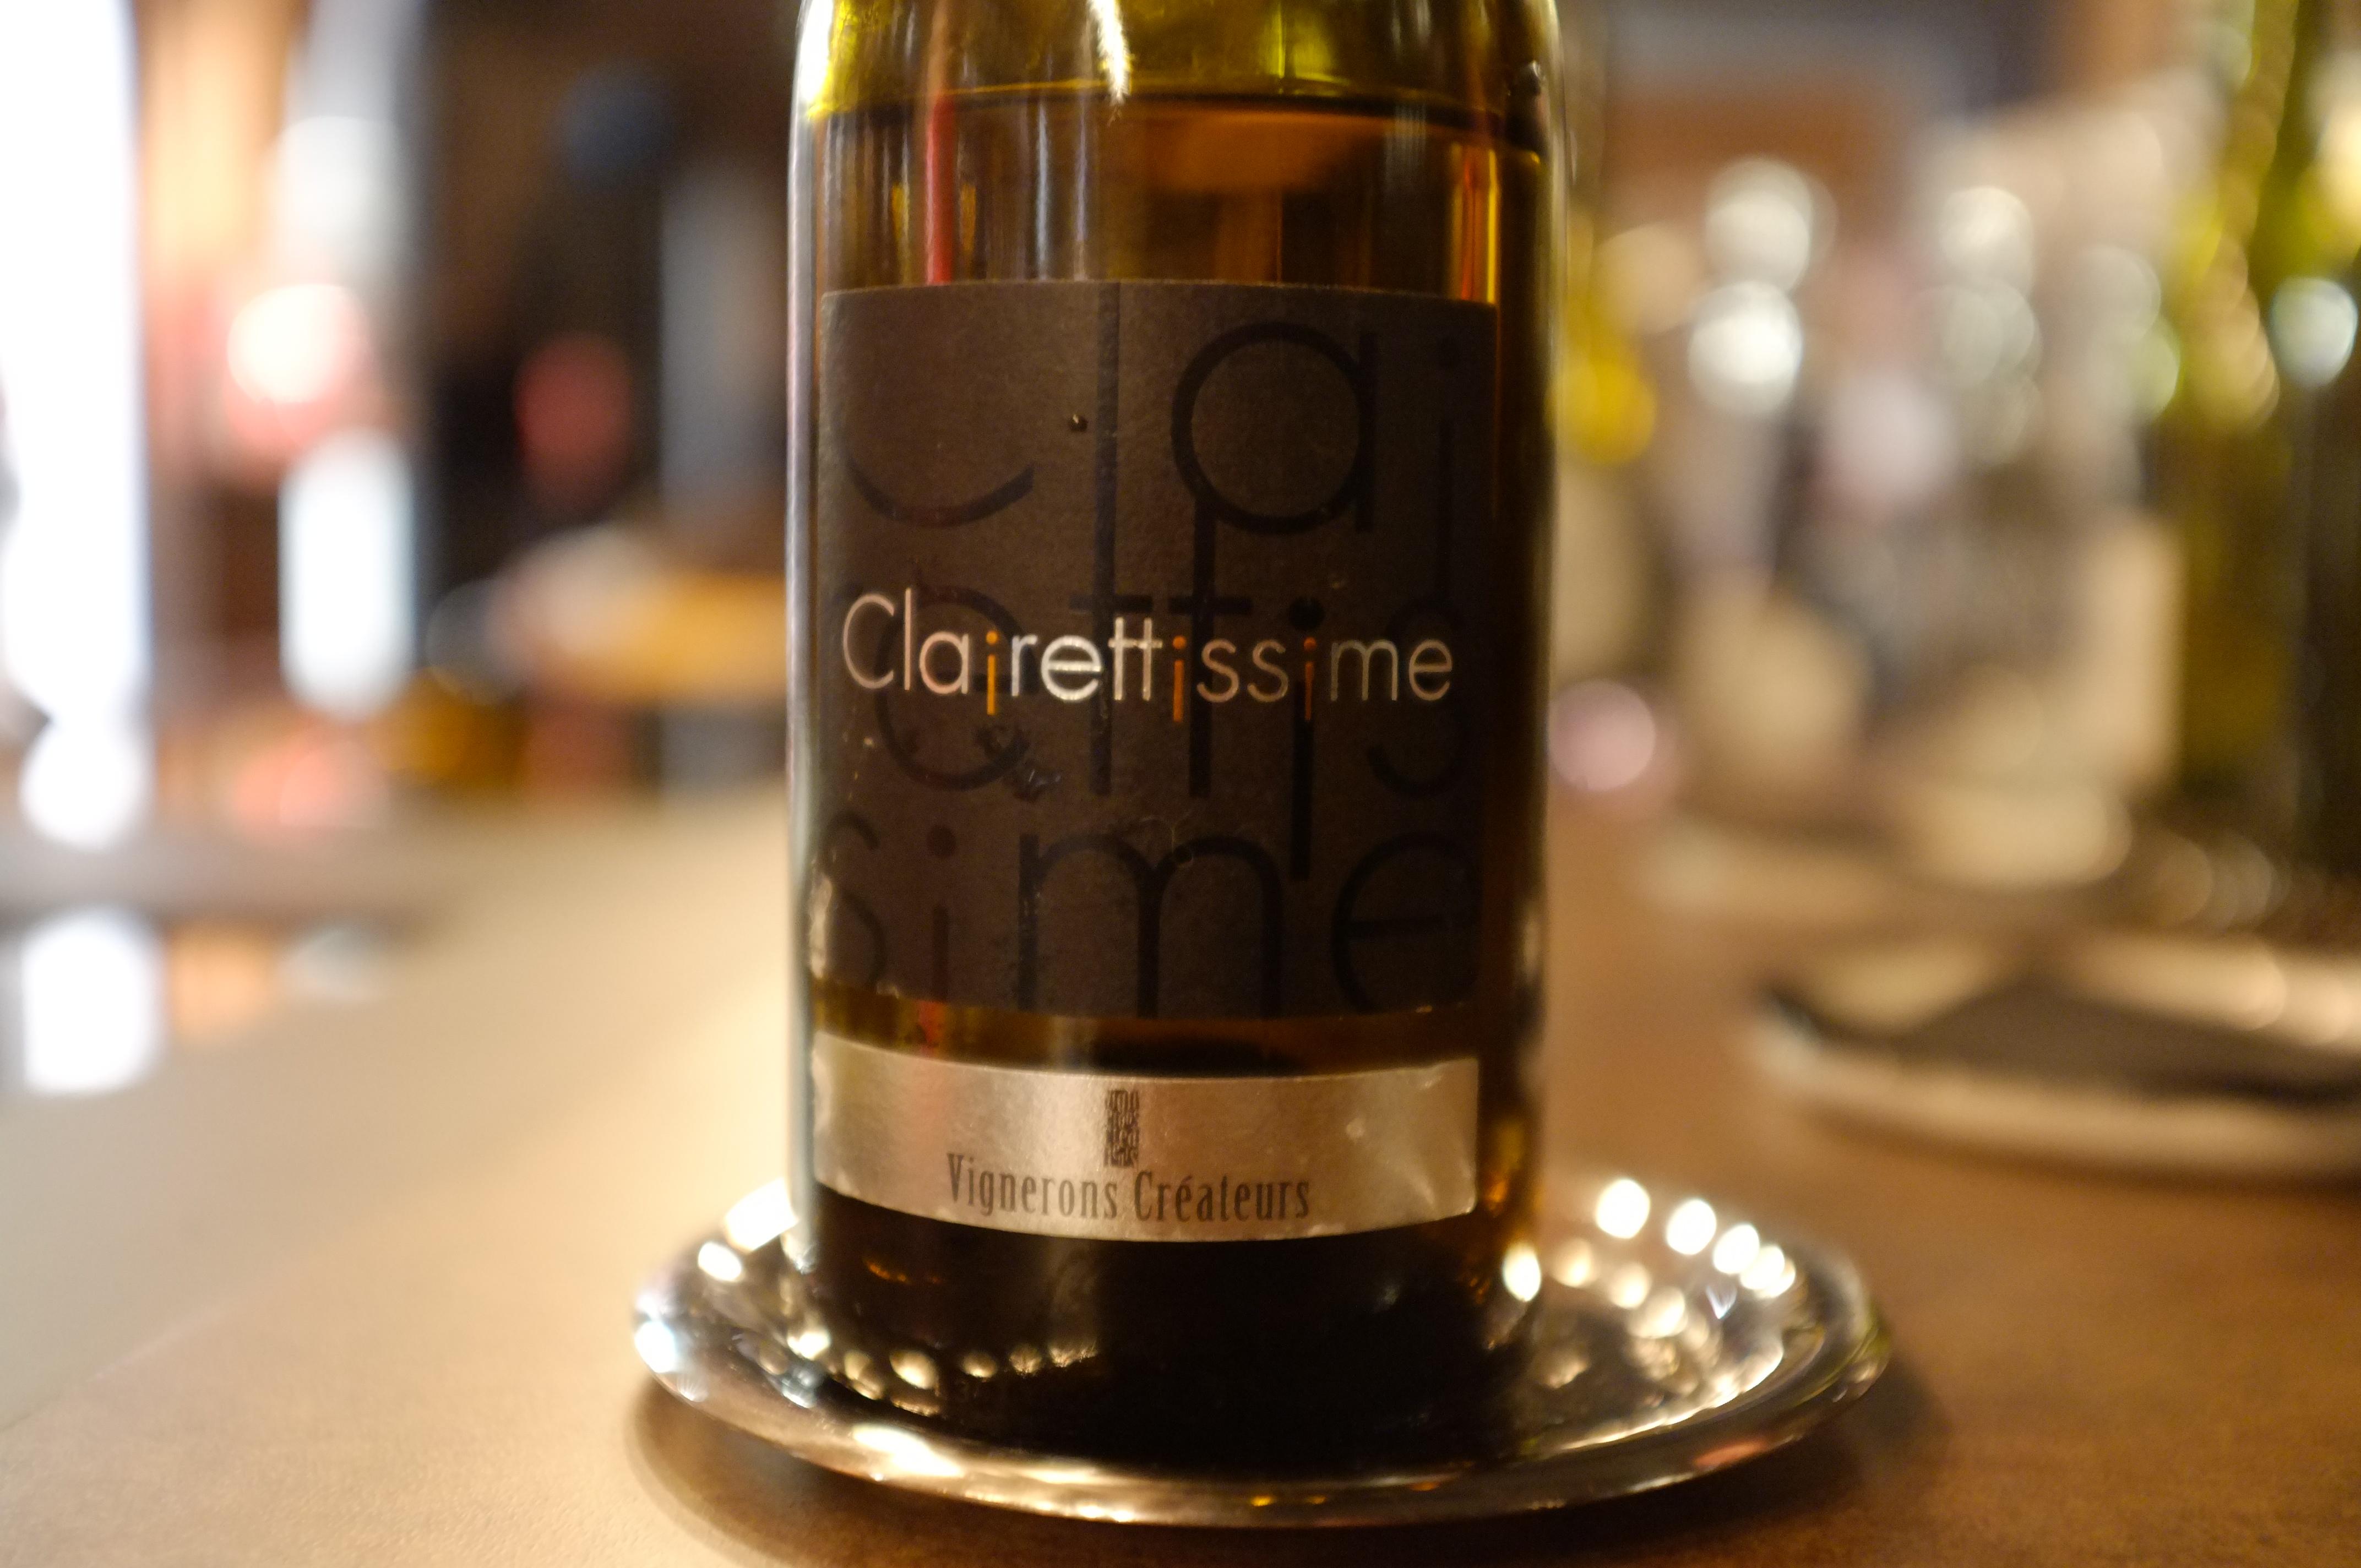 Cuvée Clairettissime de la cave coopérative les Vignerons Créateurs, AOC Clairette de Bellegarde